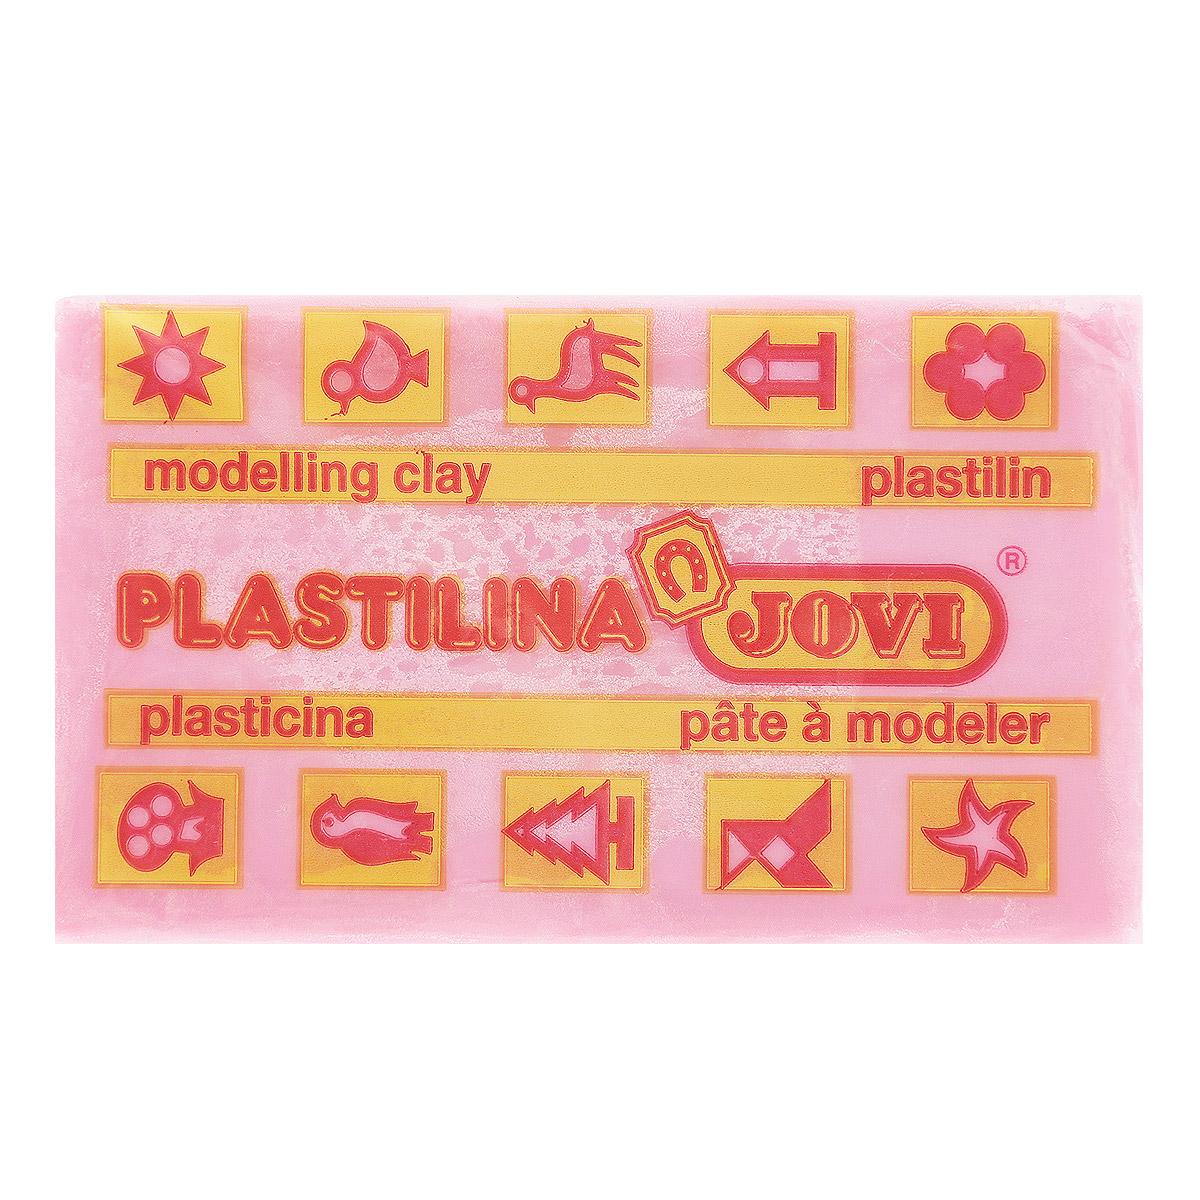 Jovi Пластилин, цвет: розовый, 50 г7007U_розовыйПластилин Jovi - лучший выбор для лепки, он обладает превосходными изобразительными возможностями и поэтому дает простор воображению и самым смелым творческим замыслам. Пластилин, изготовленный на растительной основе, очень мягкий, легко разминается и смешивается, не пачкает руки и не прилипает к рабочей поверхности. Пластилин пригоден для создания аппликаций и поделок, ручной лепки, моделирования на каркасе, пластилиновой живописи - рисовании пластилином по бумаге, картону, дереву или текстилю. Пластические свойства сохраняются в течение 5 лет.